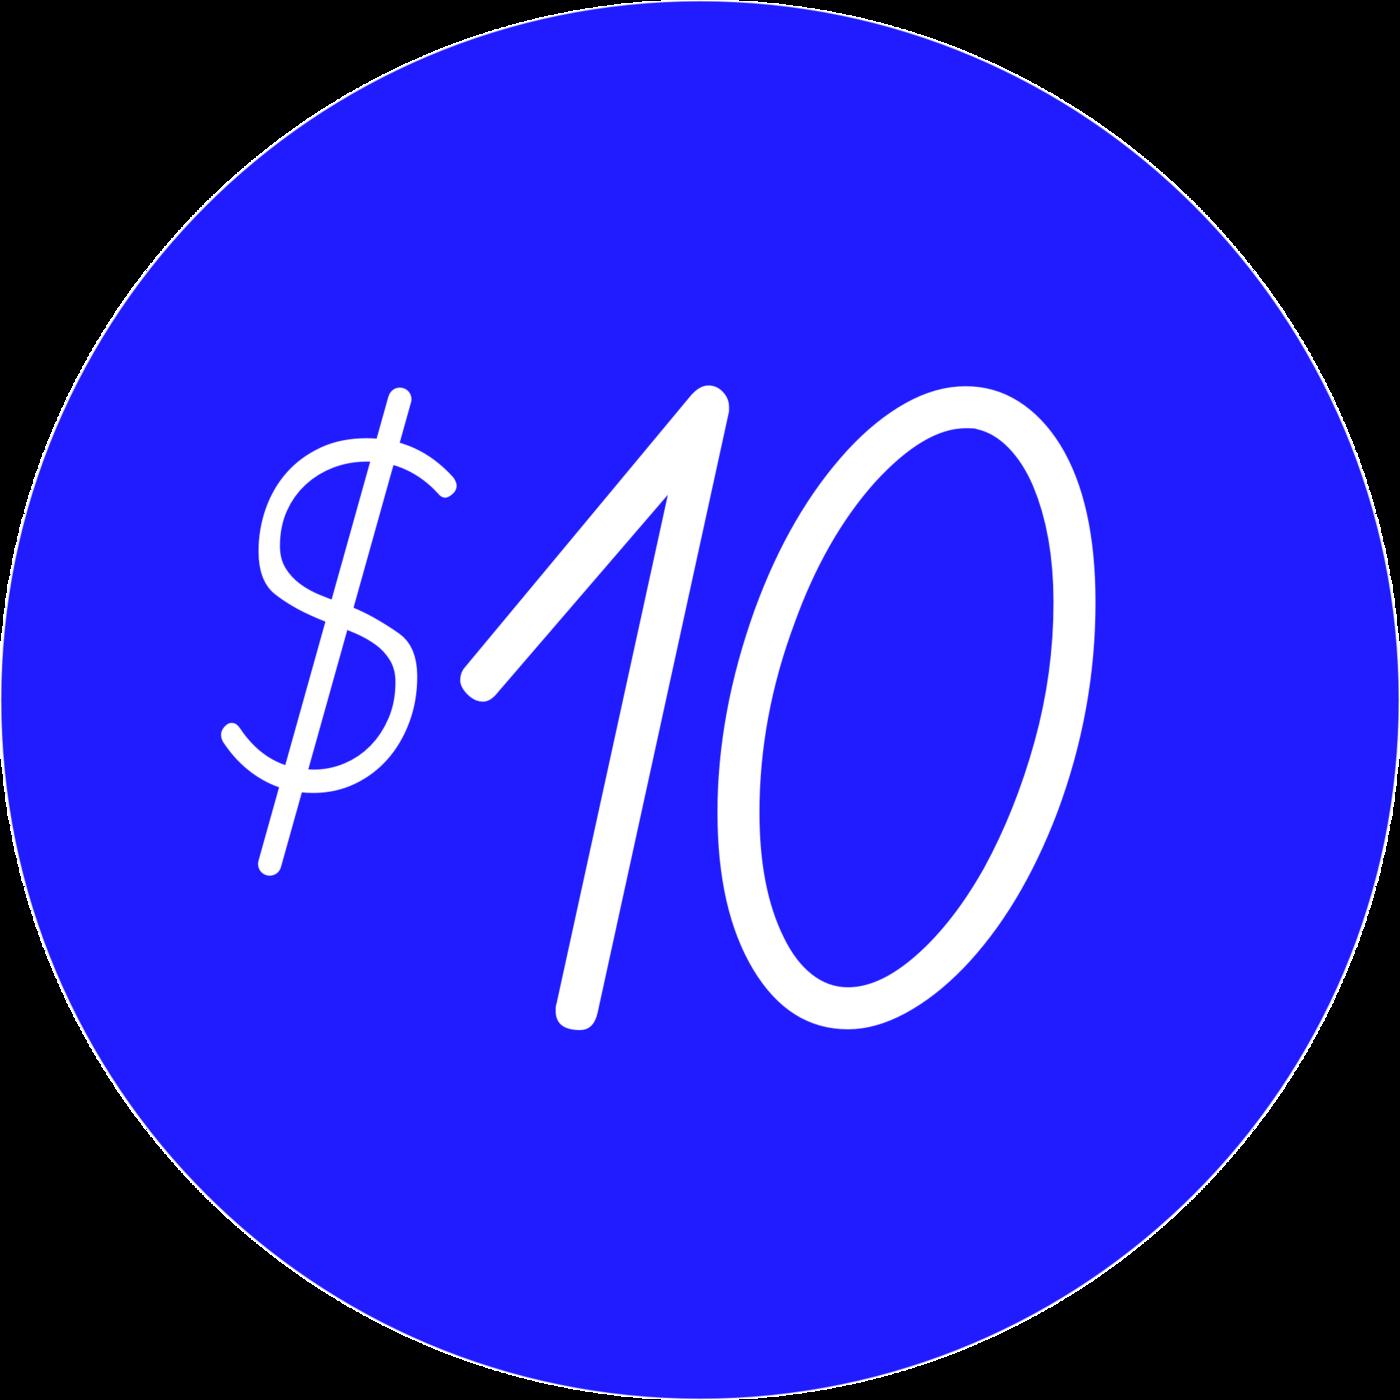 10dollar coin